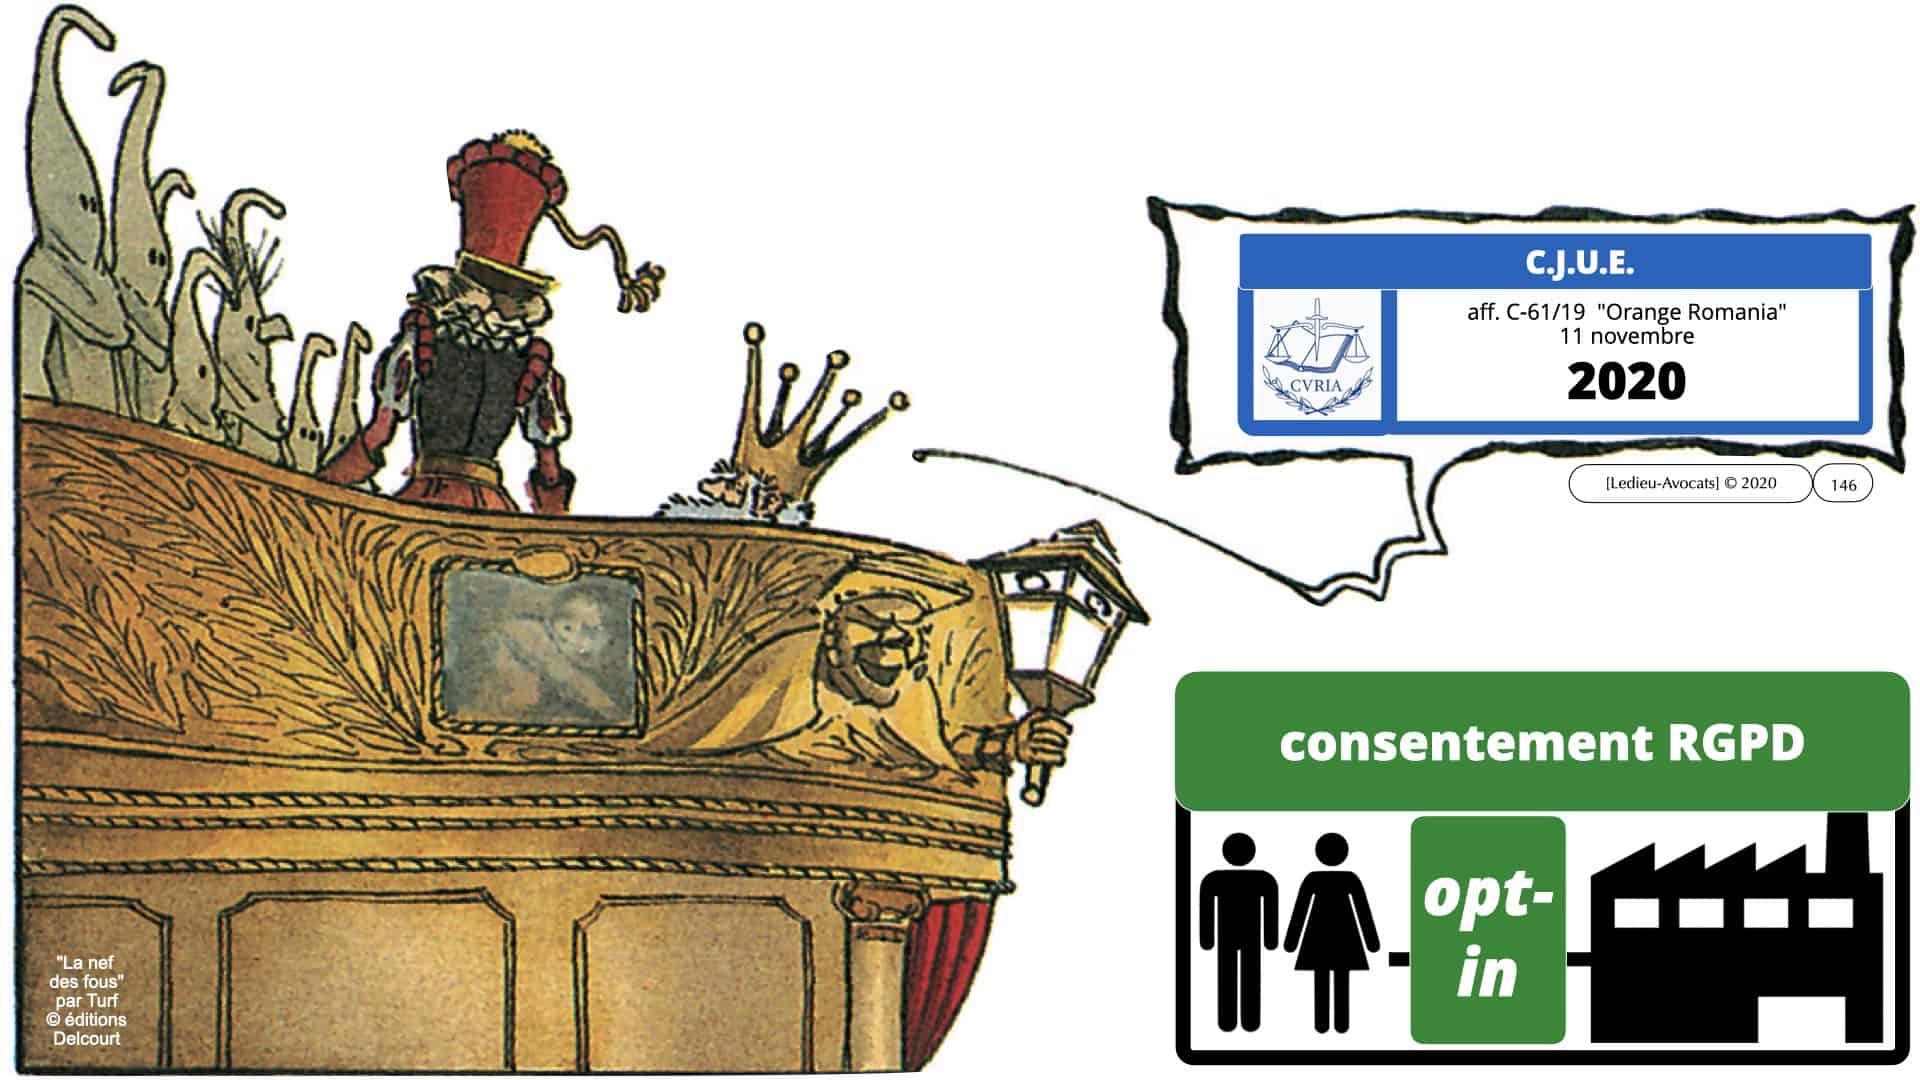 RGPD e-Privacy données personnelles jurisprudence formation Lamy Les Echos 10-02-2021 ©Ledieu-Avocats.146